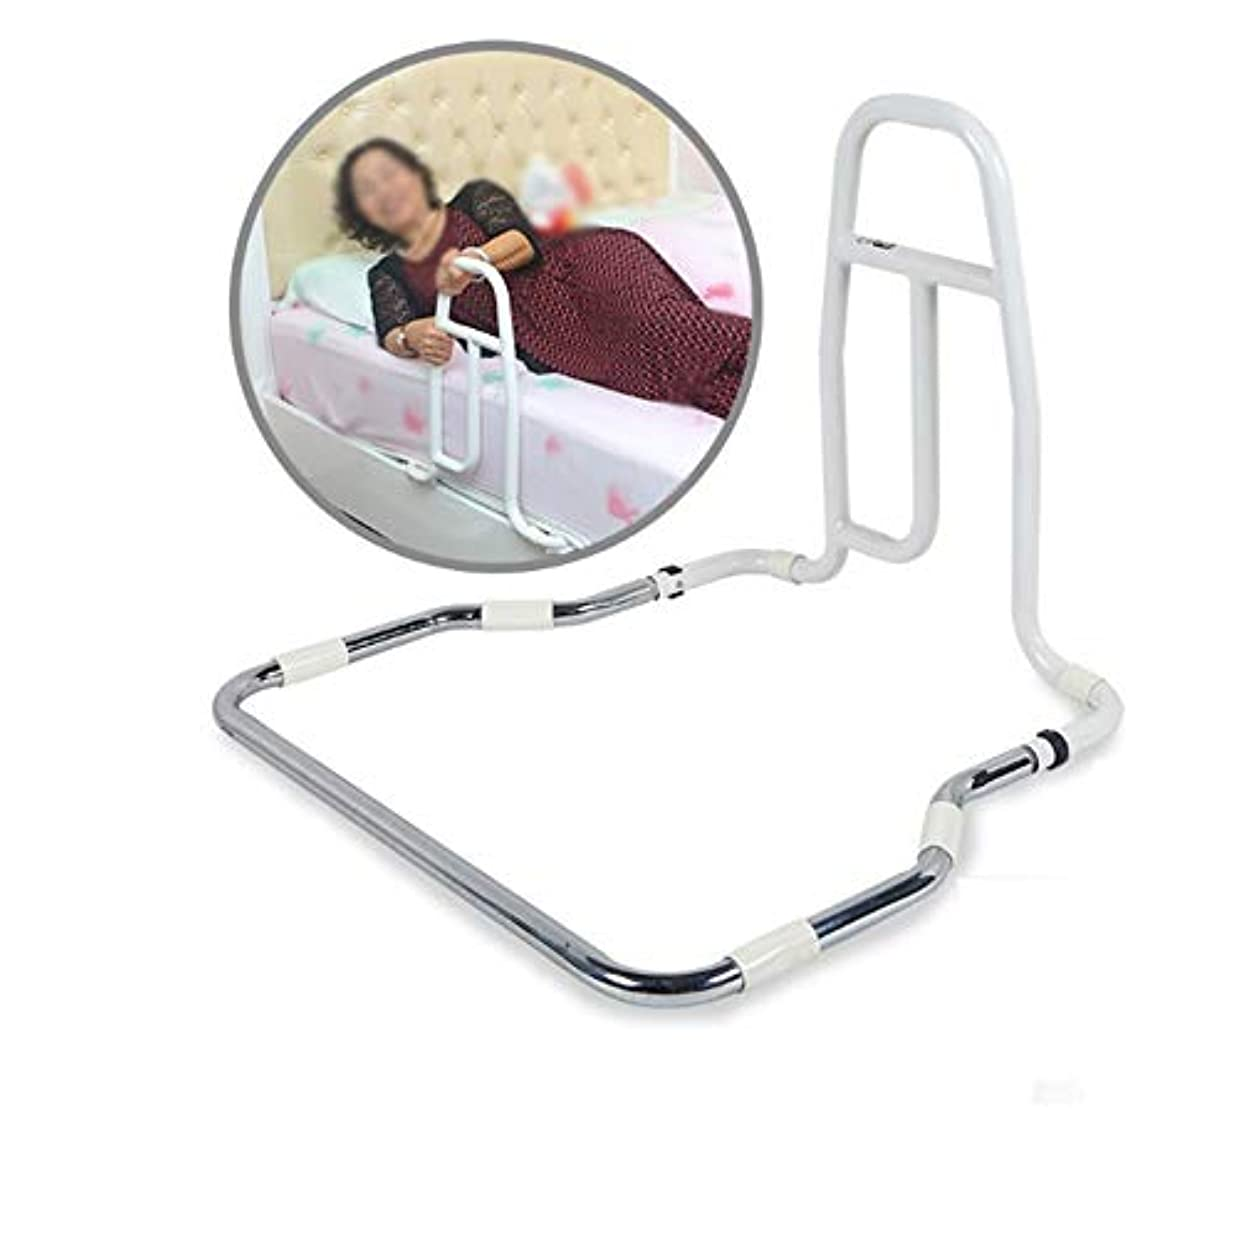 セール驚くばかりアイデアベッドグラブレール、安全な高さ調節可能なレール、ベッドの出入りを支援、安定補助具、高齢者用、身体障害者、障害者、ディバンベッドグラブハンドル